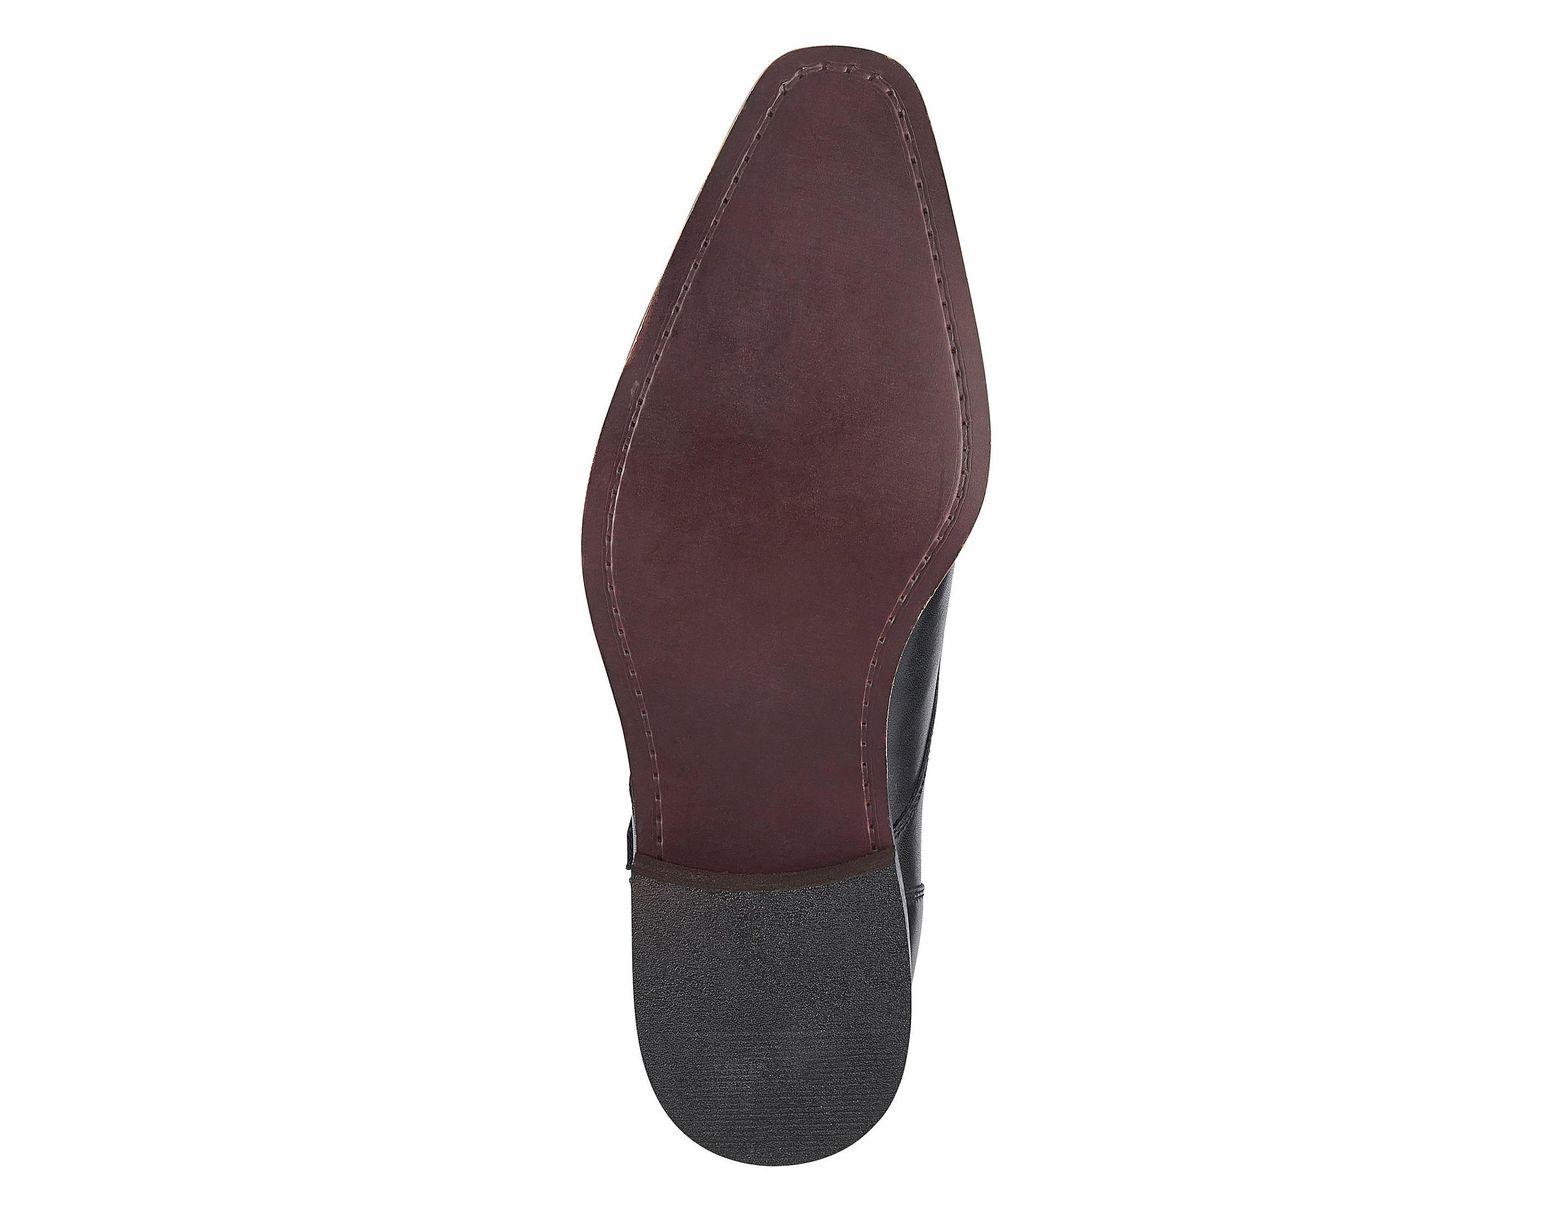 001afeb775162 Jacamo Premium Leather Double Monk Shoes in Black for Men - Lyst